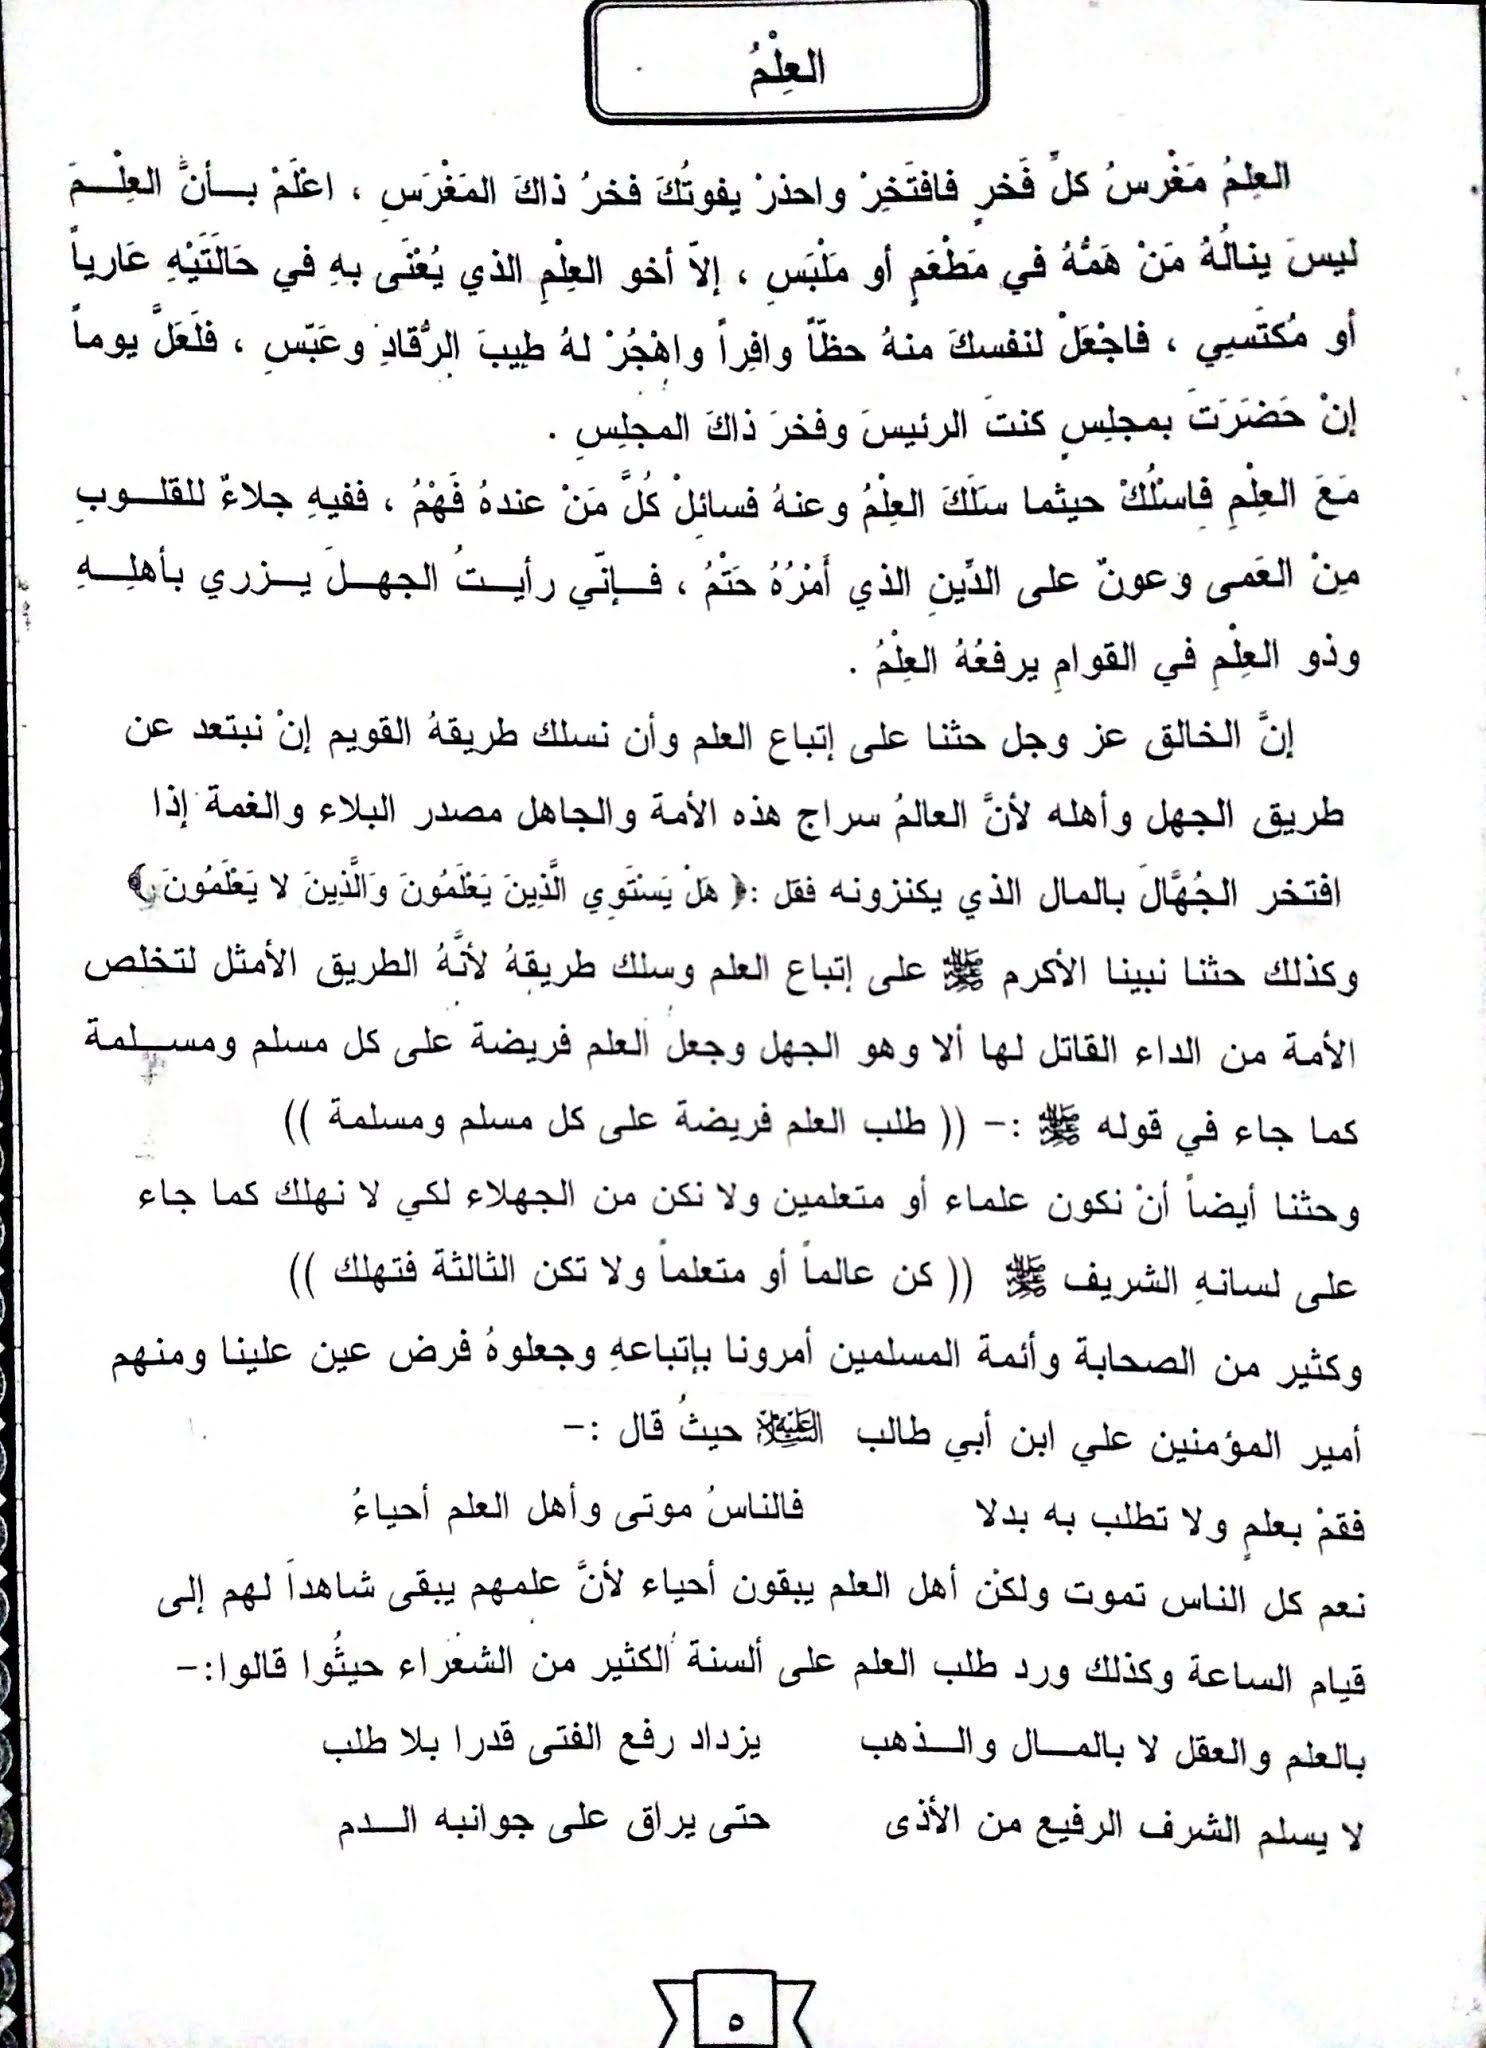 انشاء عن العلم لطلاب المدارس انشاء لغة عربية العلم اهلا بكم متابعي موقع وقناة الاستاذ احمد مهدي شلال في هذا الموضوع سنعرض لكم In 2021 Math Math Equations Blog Posts